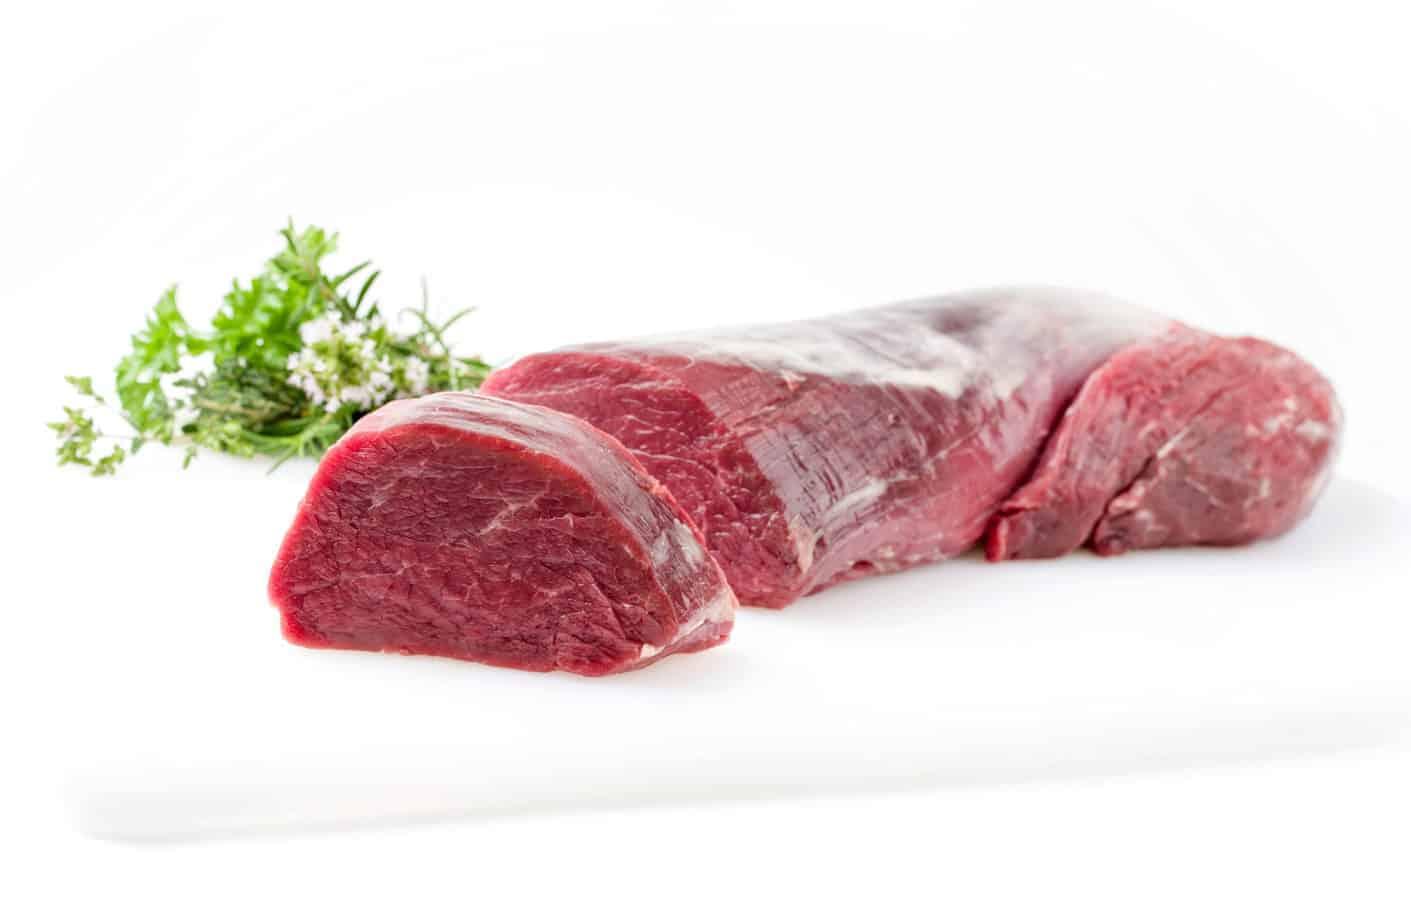 Rinderfilet Argentinien 5 lbs +